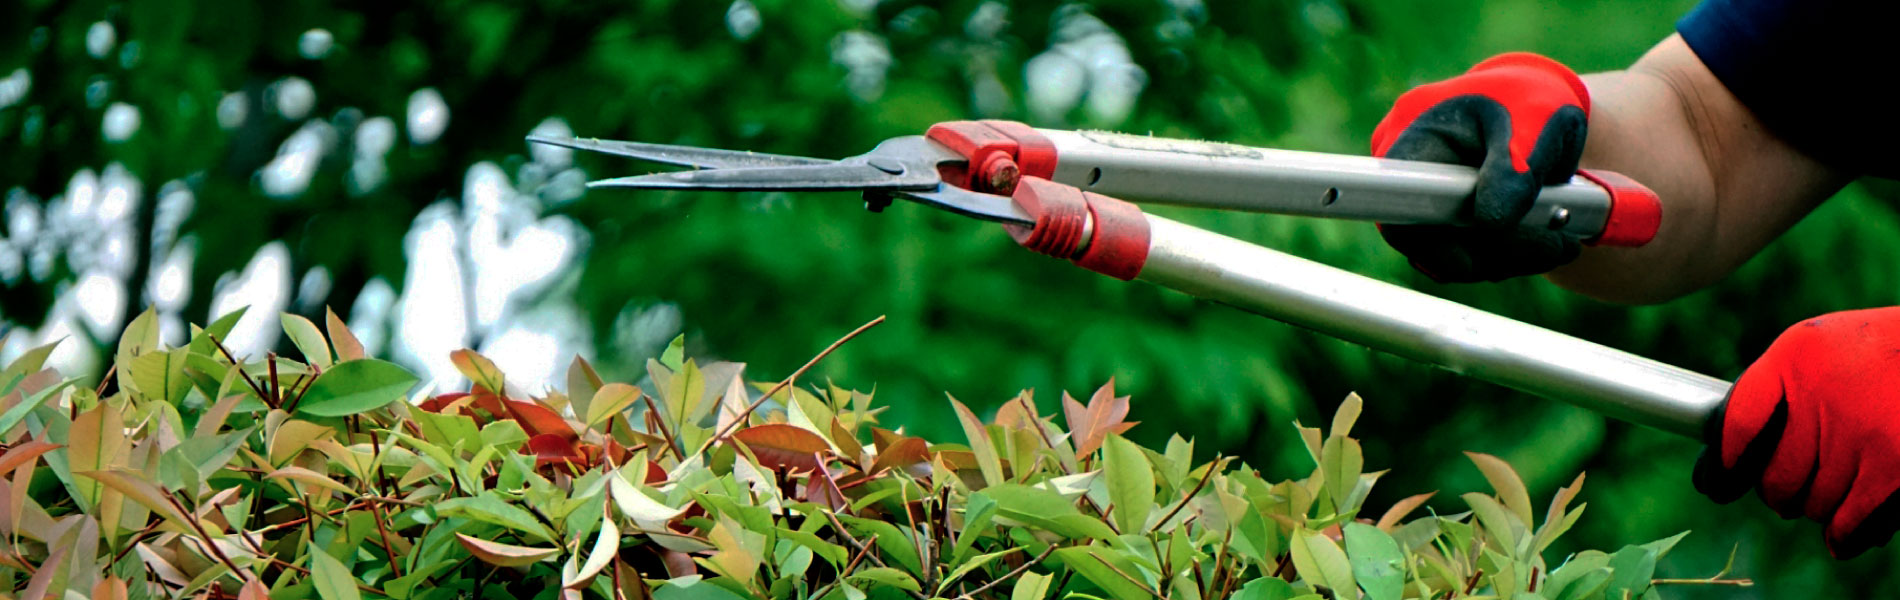 大田区の植木屋 Greendeco(グリーンデコ) - 女性庭師による庭木の剪定・ガーデニング・花壇の管理